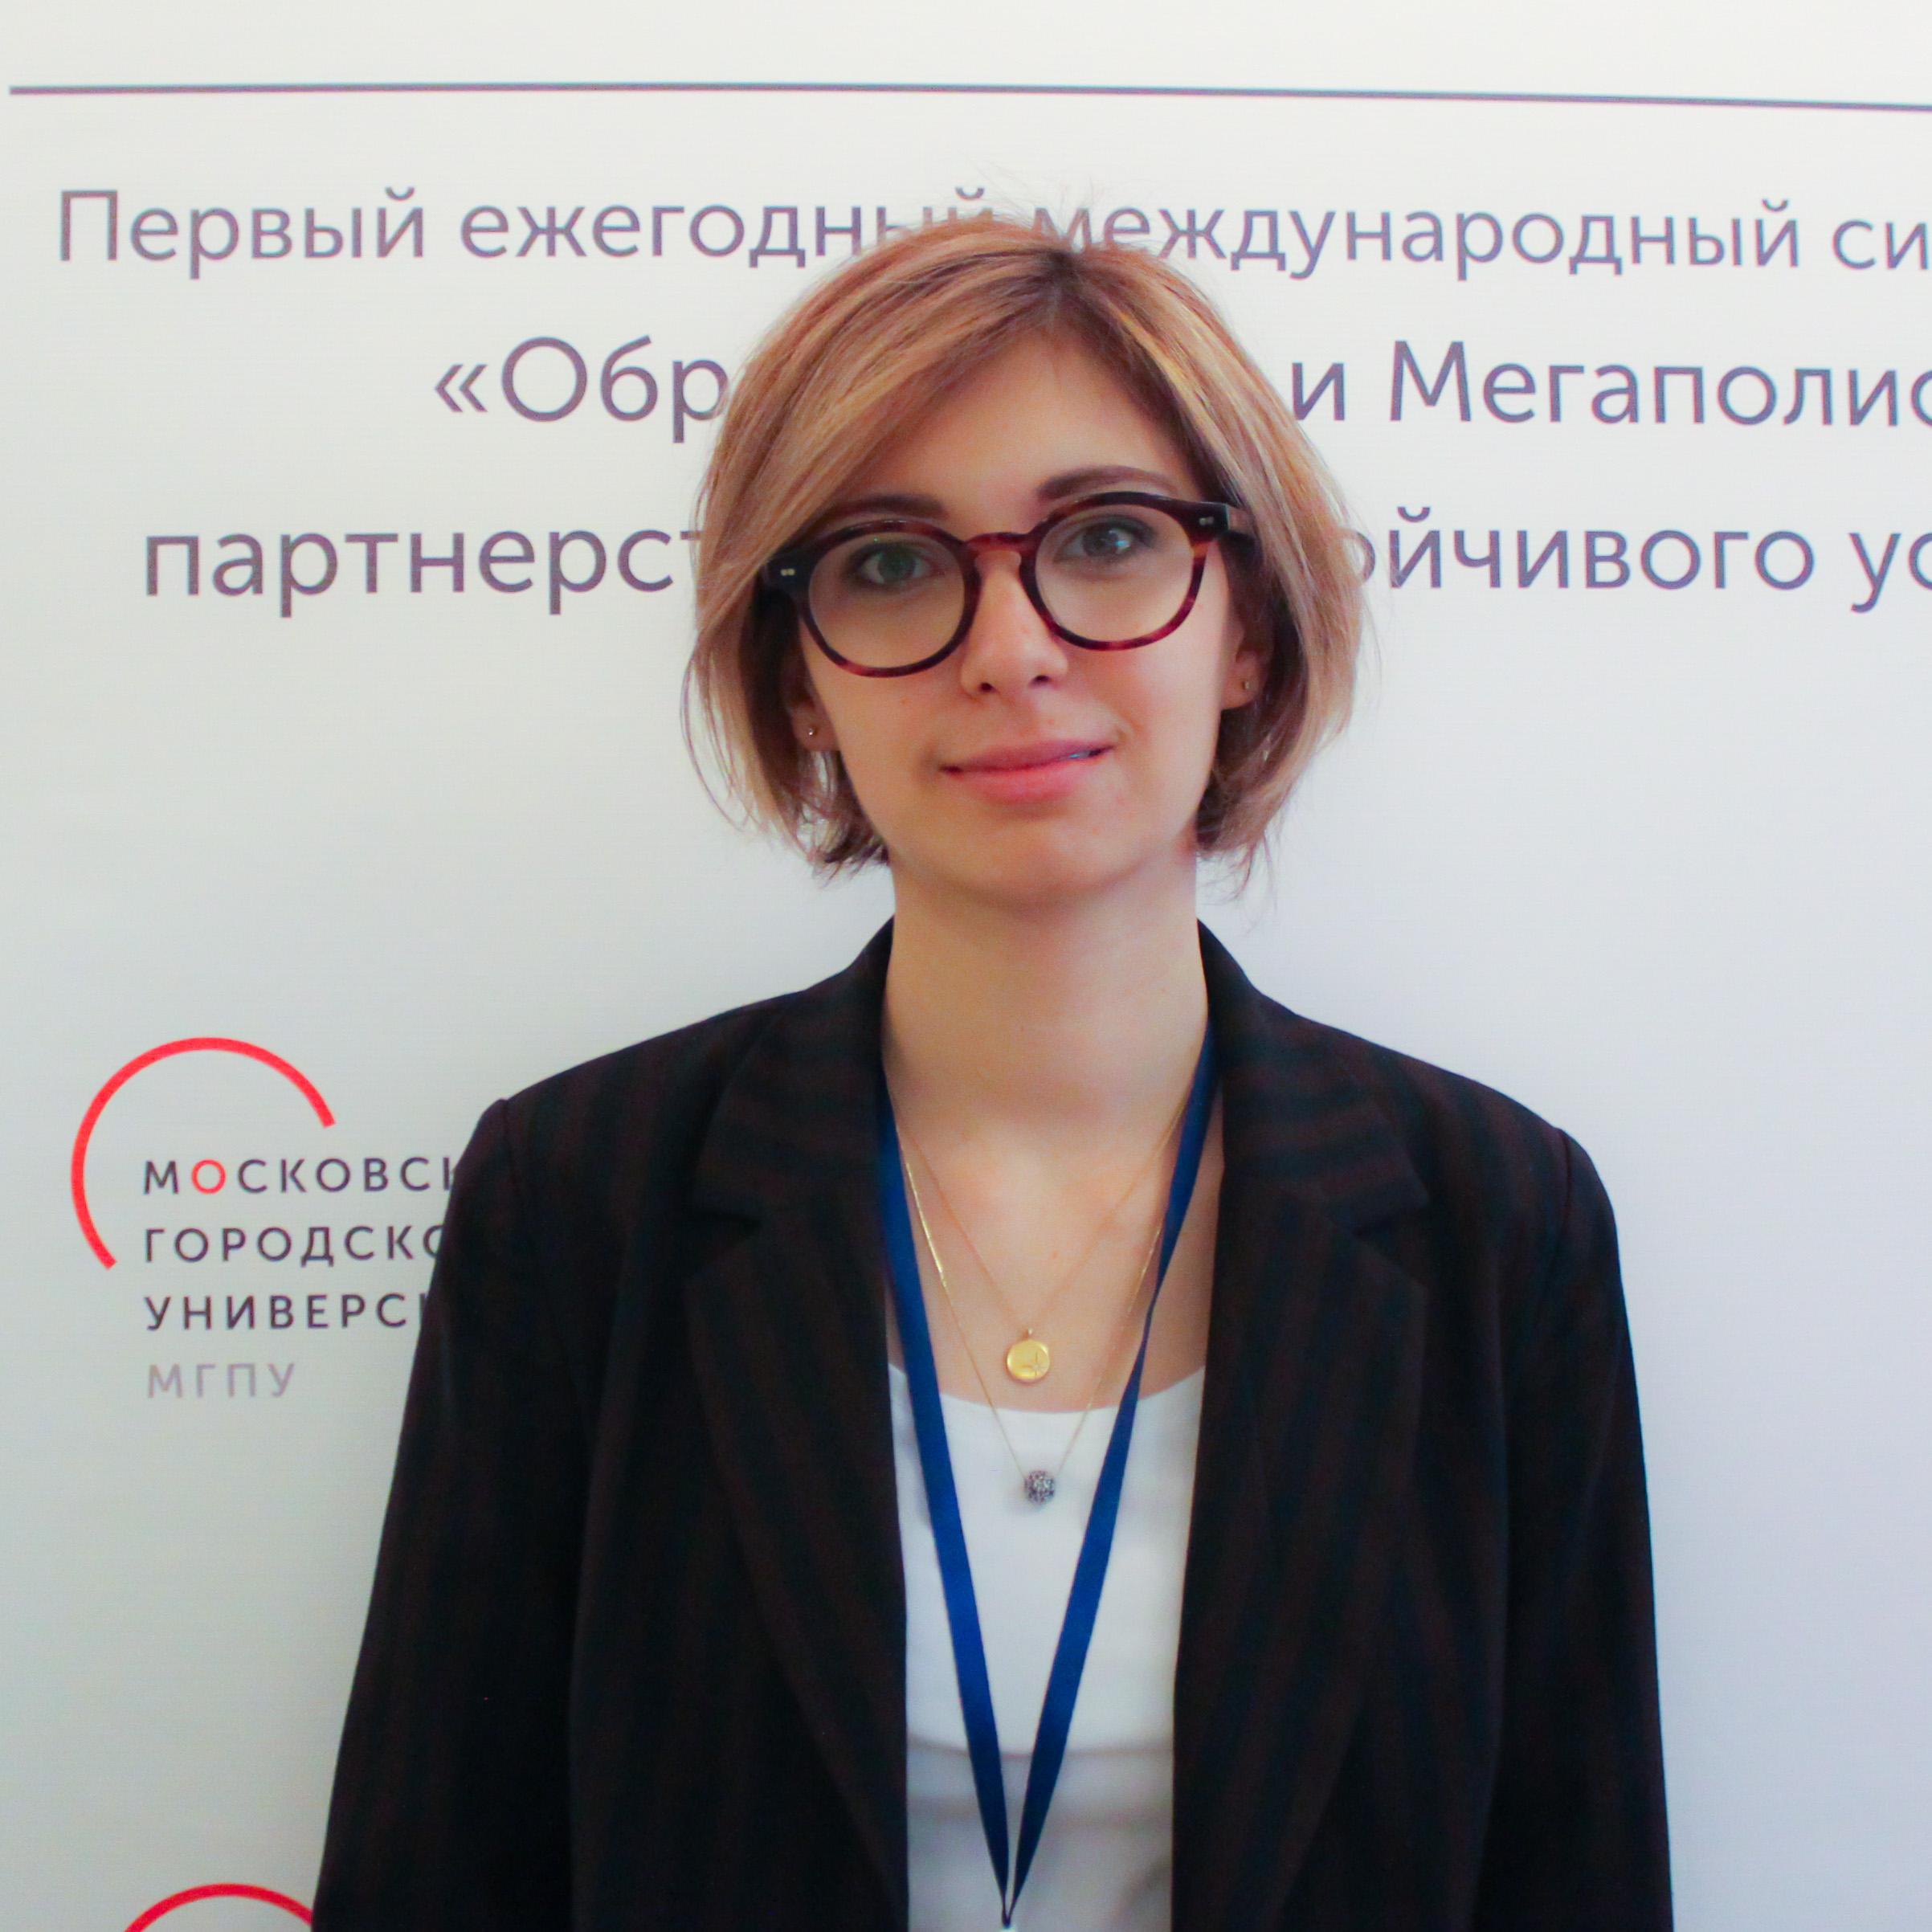 Саликова Эвелина Мария Вячеславовна